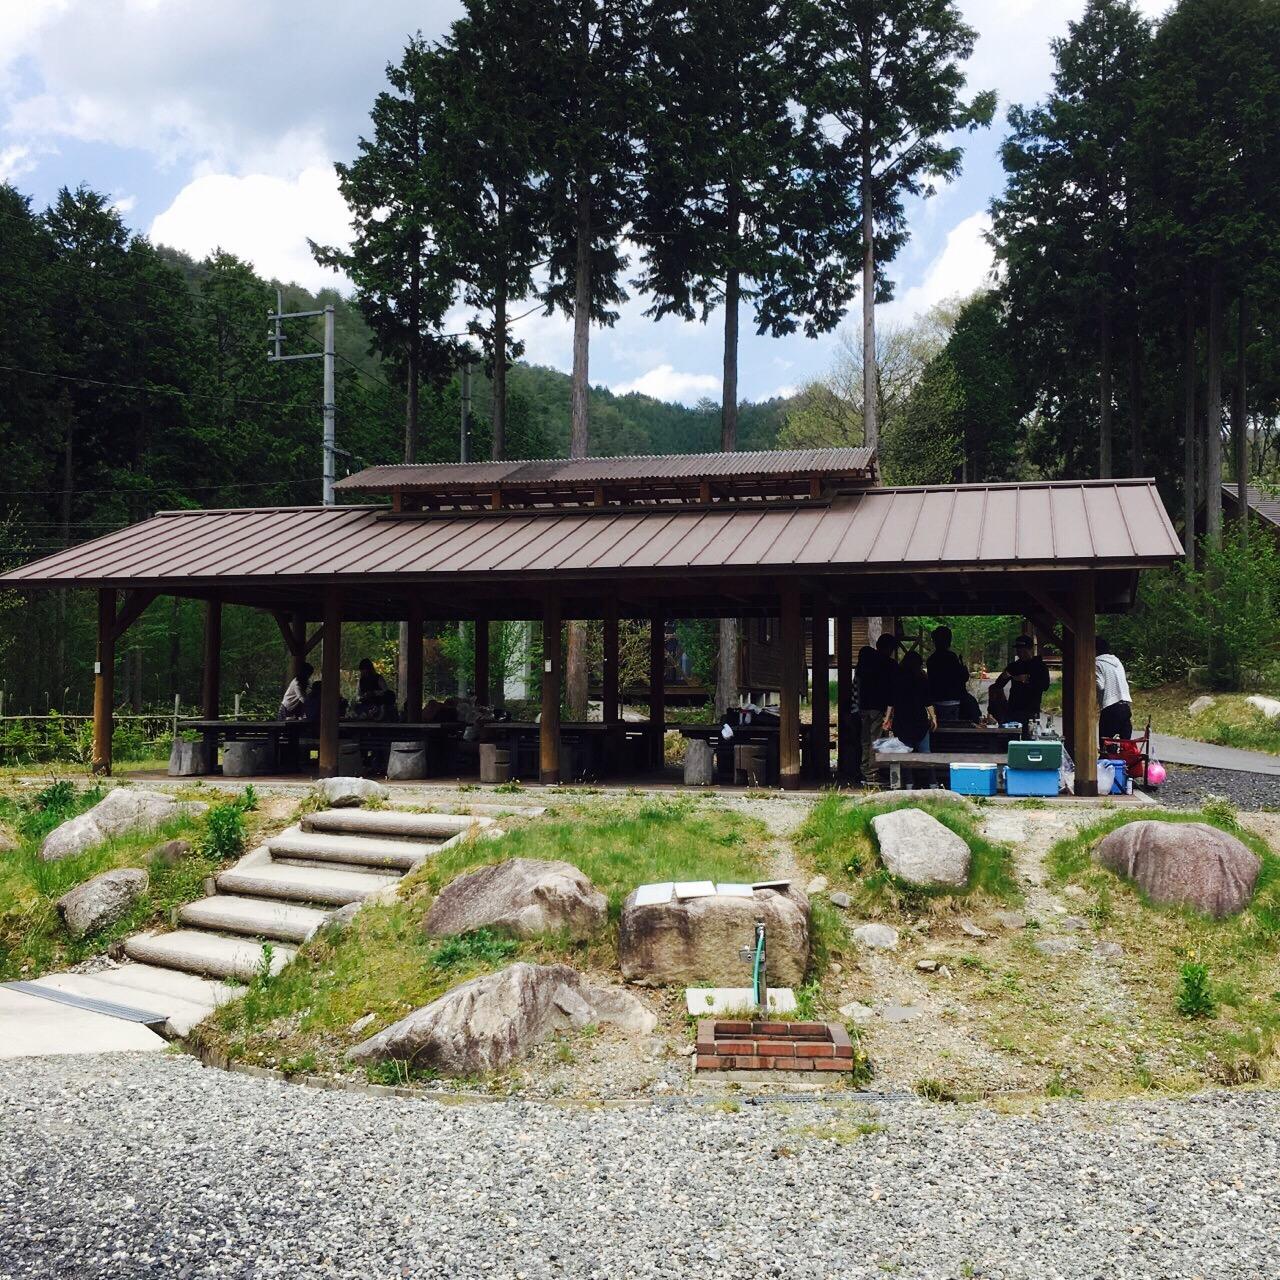 津山から北へ1時間「黒木キャンプ場」は何と花火OK・ペット連れOKです